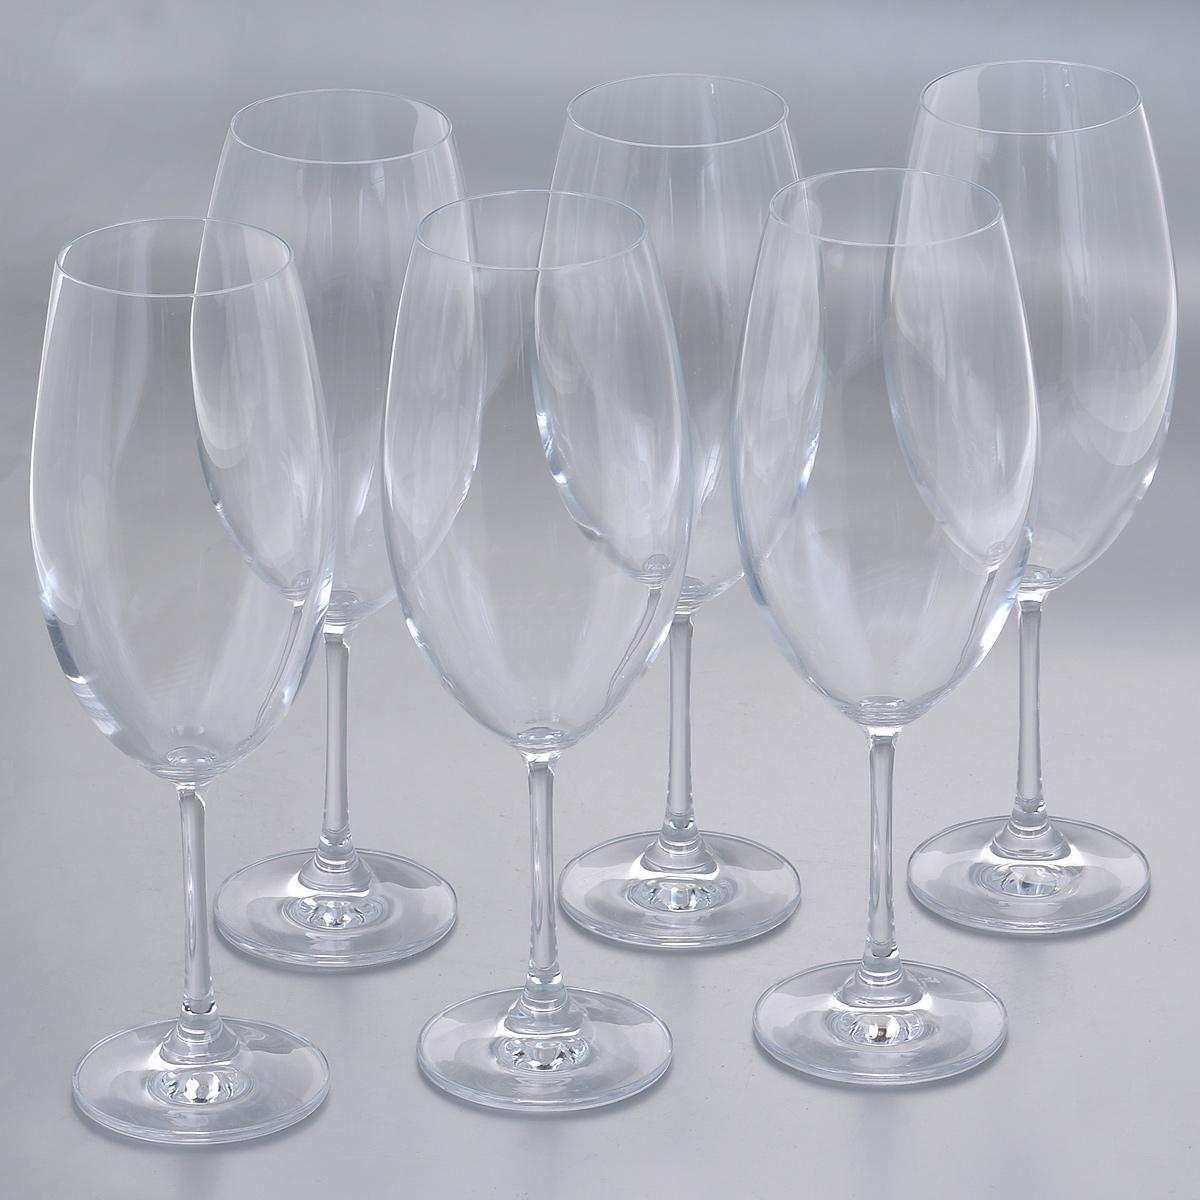 Набор бокалов для воды Crystalite Bohemia Барбара, 630 мл, 6 шт1SD22/630Набор Crystalite Bohemia Барбара состоит из шести бокалов, выполненных из прочного высококачественного прозрачного стекла. Изделия оснащены изящными высокими ножками. Бокалы предназначены для подачи воды, сока и других напитков. Они излучают приятный блеск и издают мелодичный звон. Бокалы сочетают в себе элегантный дизайн и функциональность. Благодаря такому набору пить напитки будет еще вкуснее.Набор бокалов Crystalite Bohemia Барбара прекрасно оформит праздничный стол и создаст приятную атмосферу за романтическим ужином. Такой набор также станет хорошим подарком к любому случаю. Не использовать в посудомоечной машине и микроволновой печи.